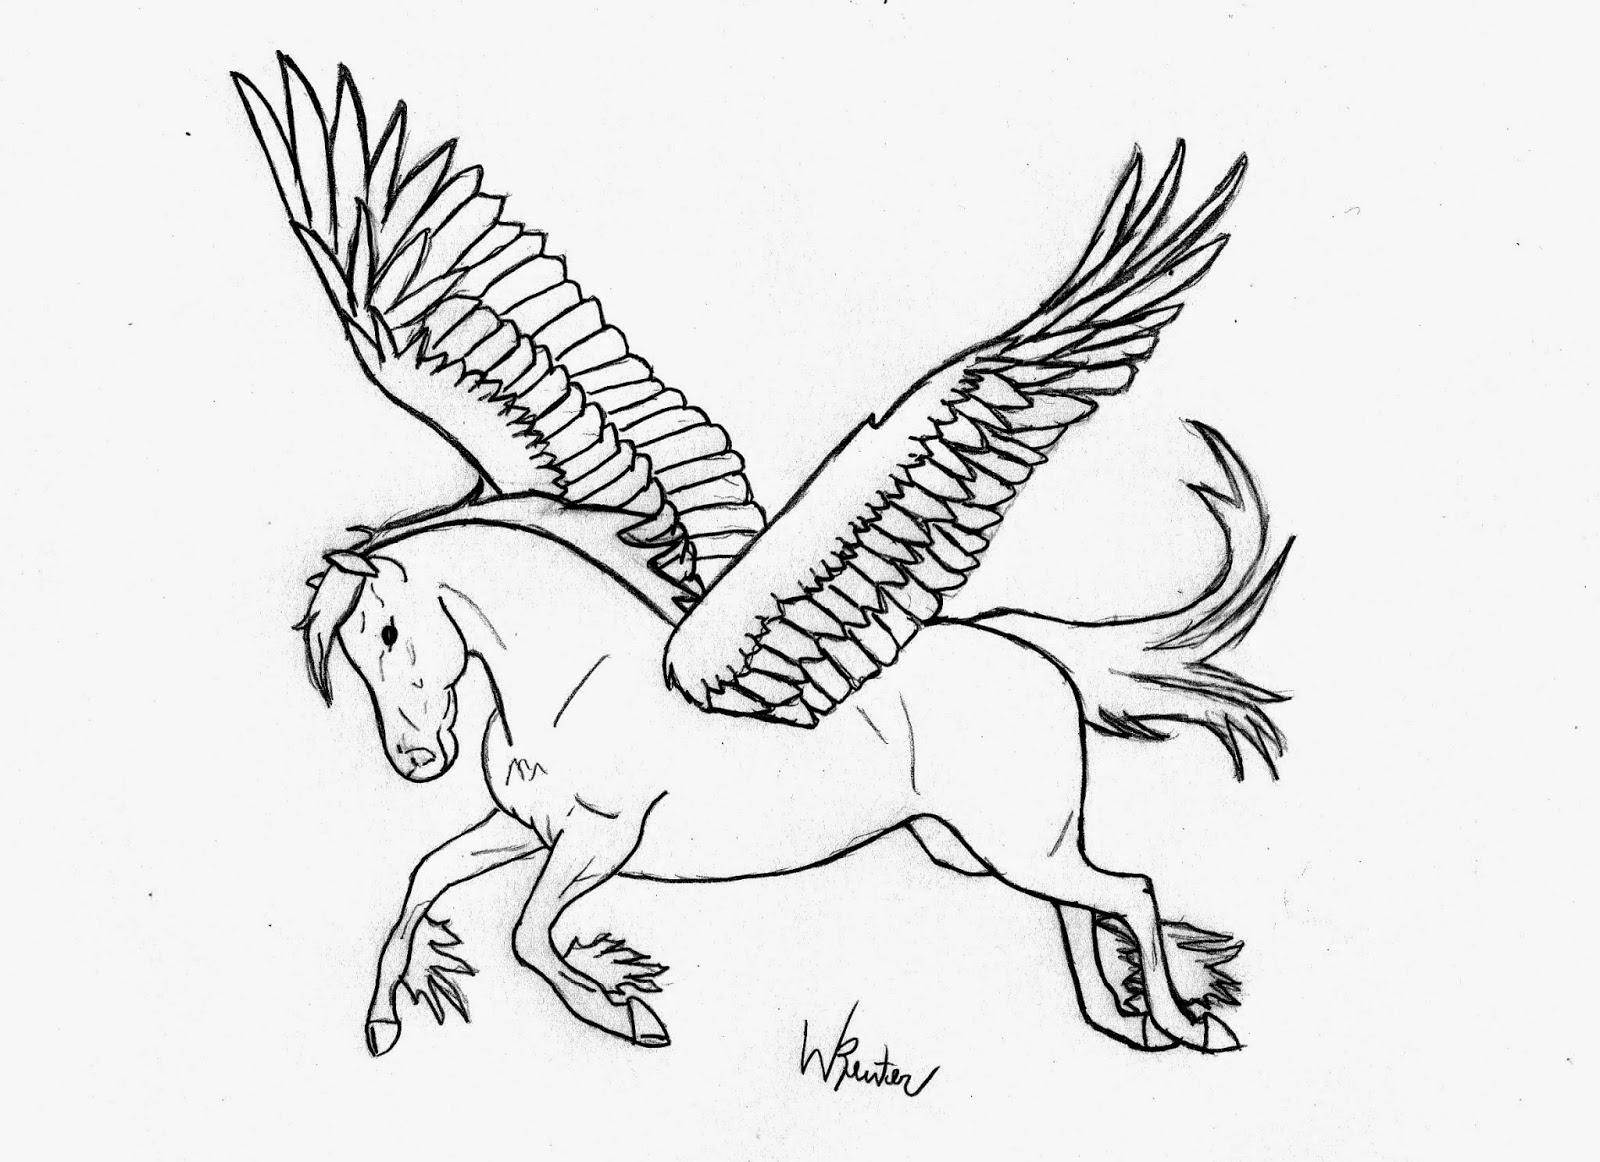 guuhdesenhos como desenhar pegasus cavalo com asas